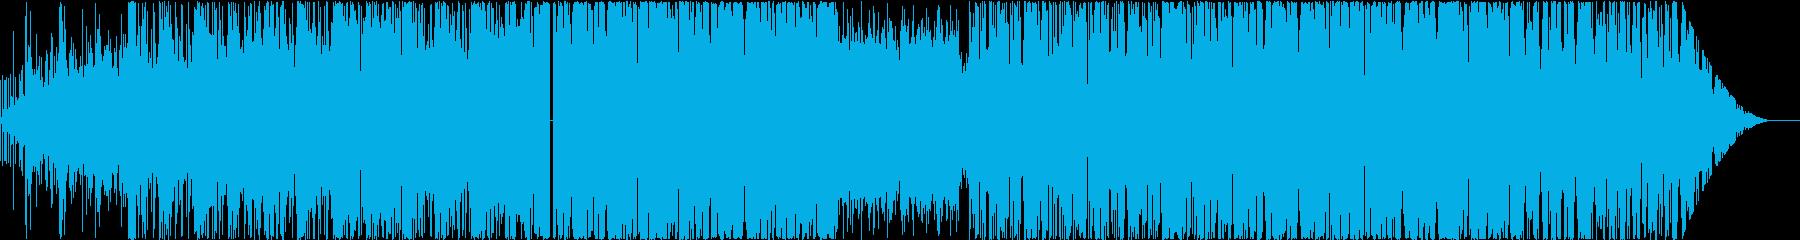 浮遊感あるメロディックダブステップの再生済みの波形